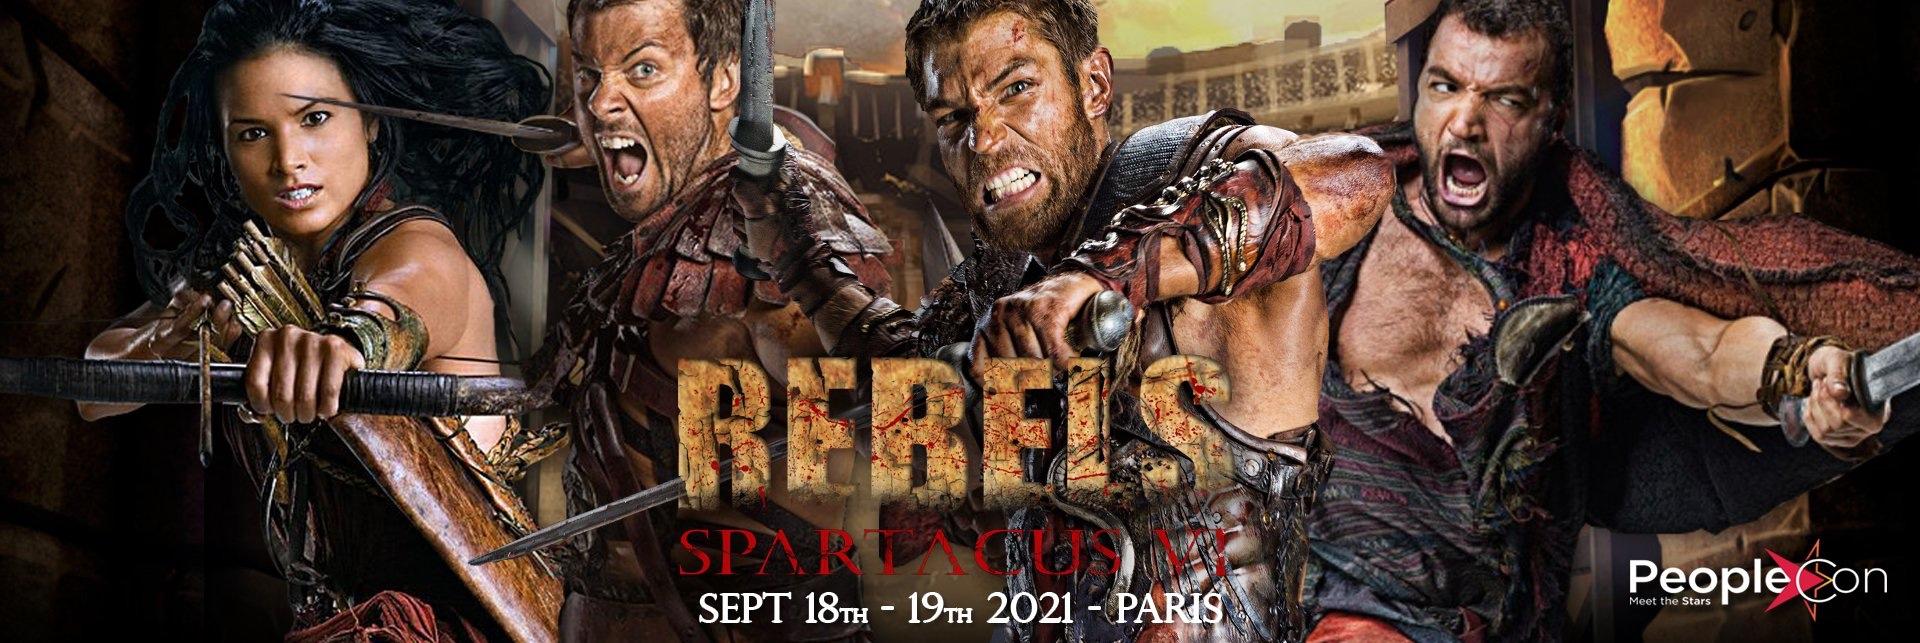 Rebels Spartacus 6